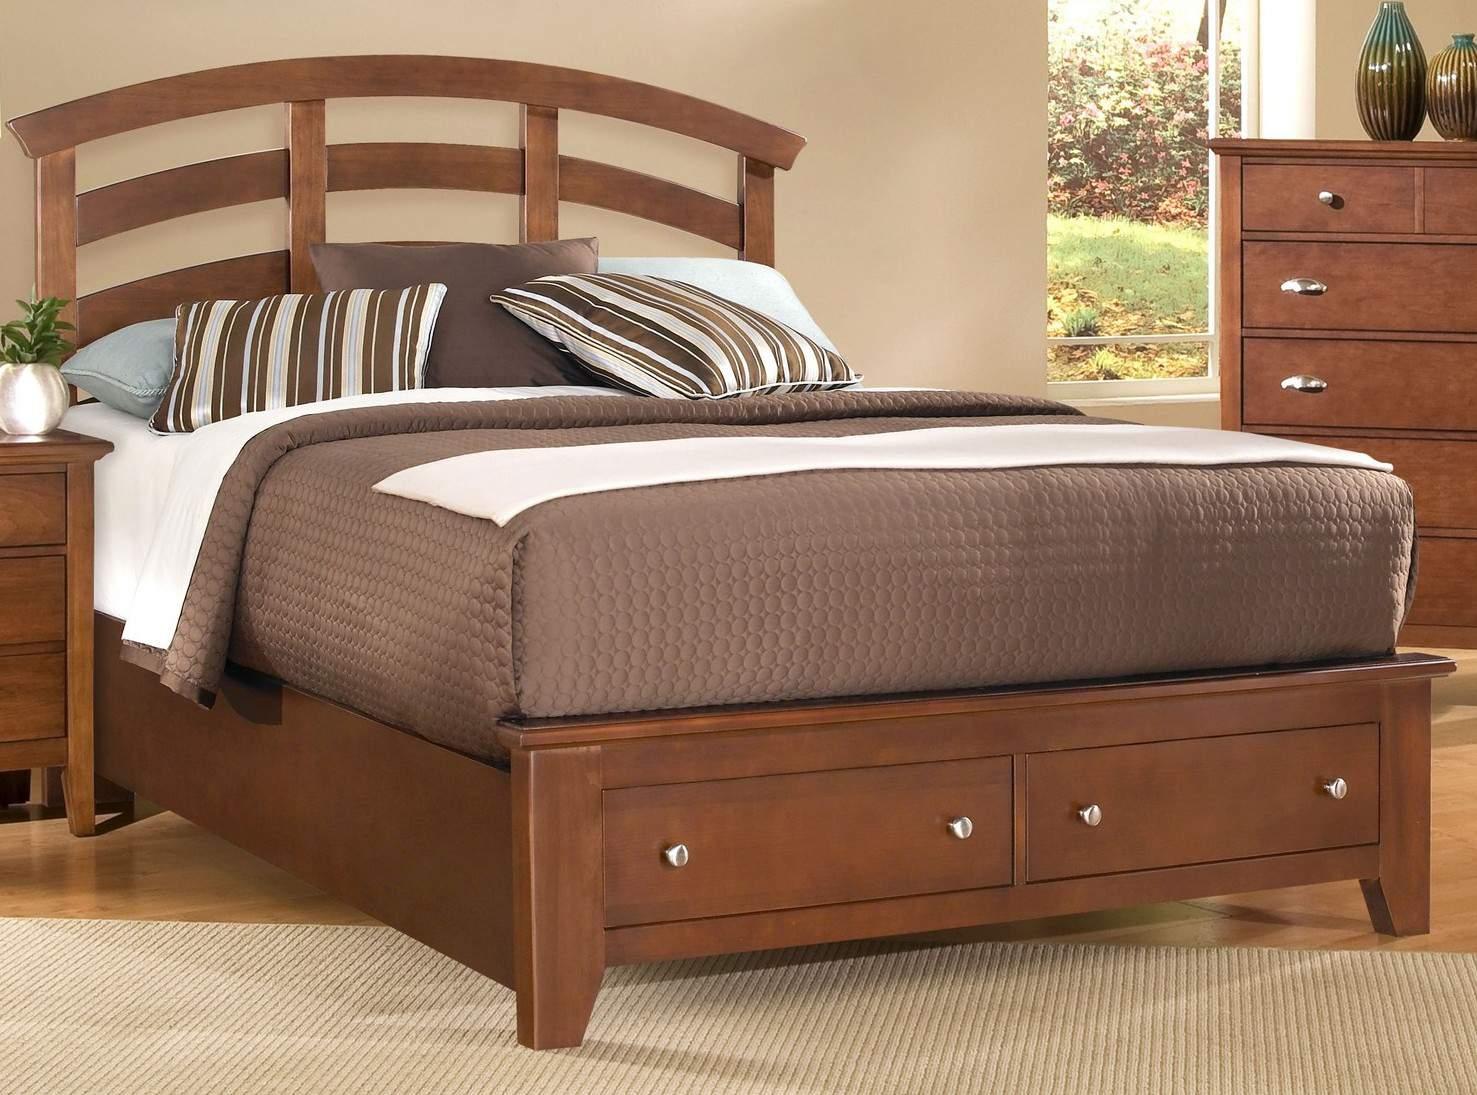 Mẫu giường ngủ gỗ hương – TC16133